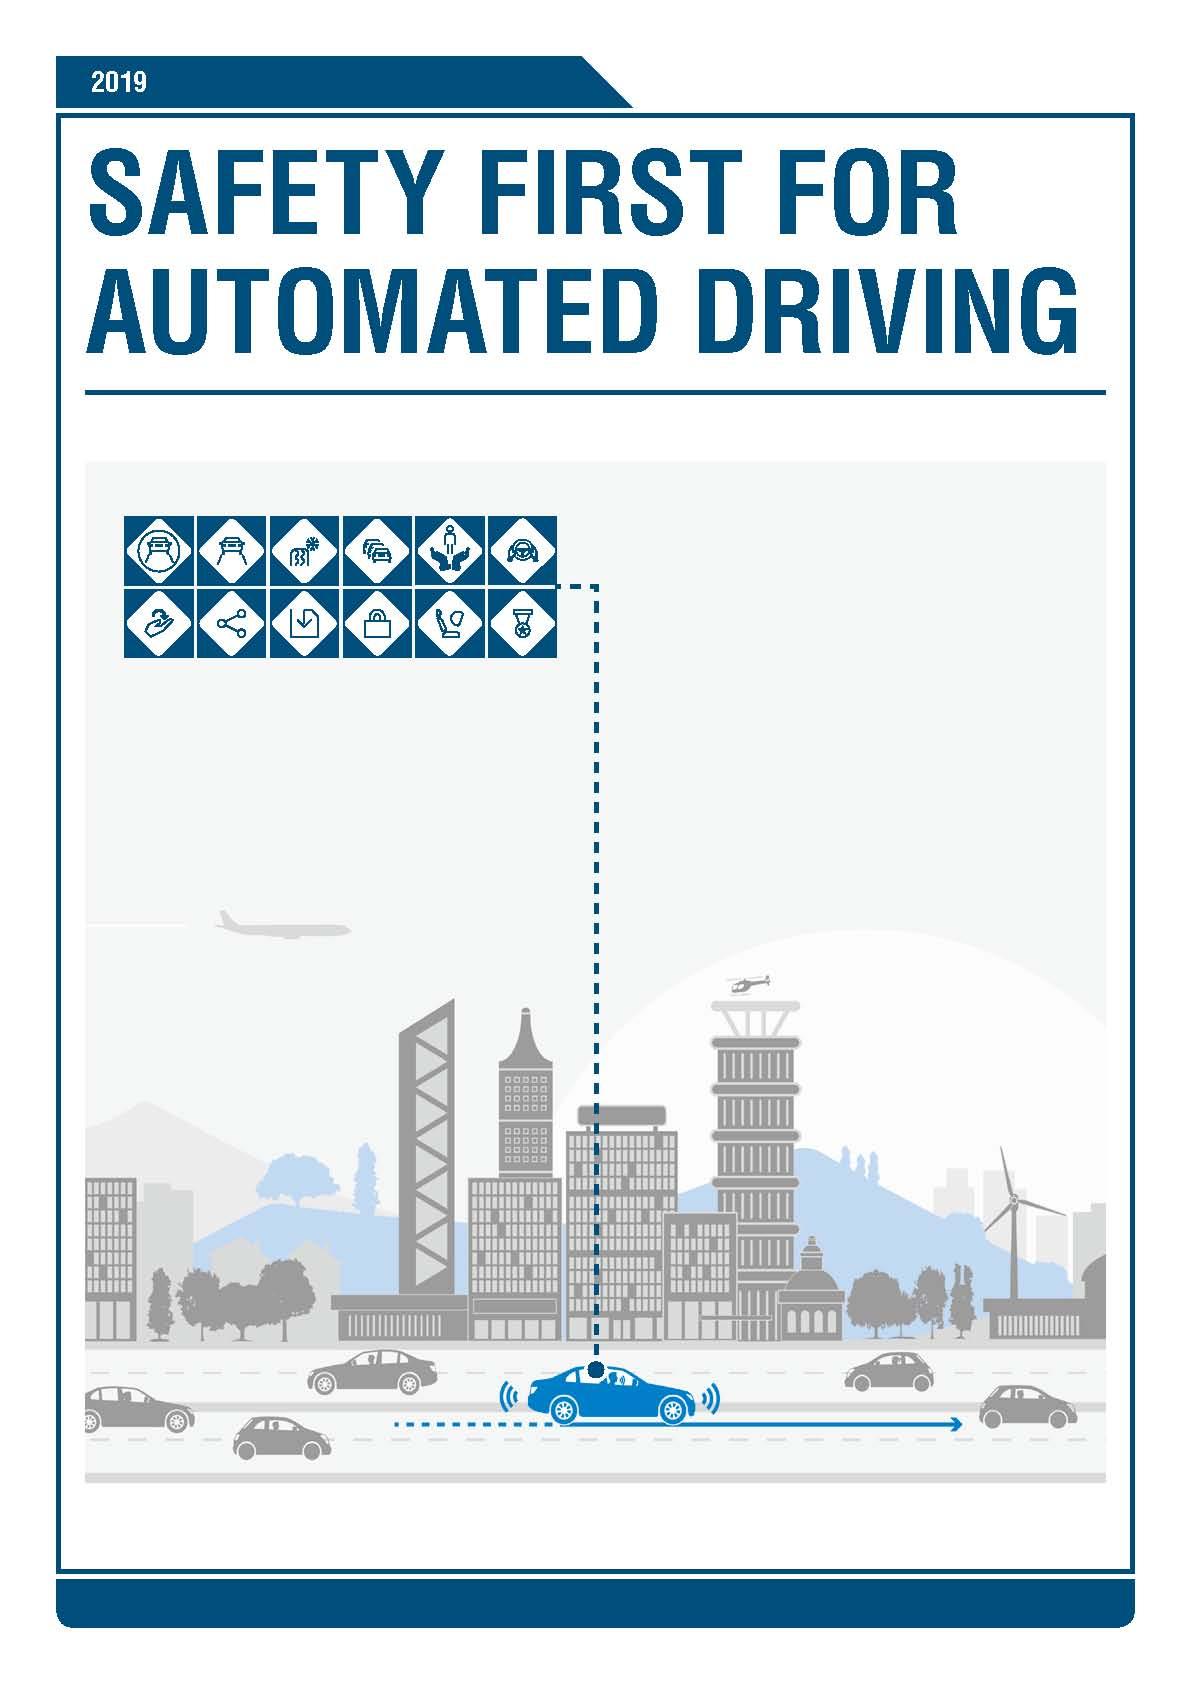 《自动驾驶奉行安全第一》跨行业白皮书